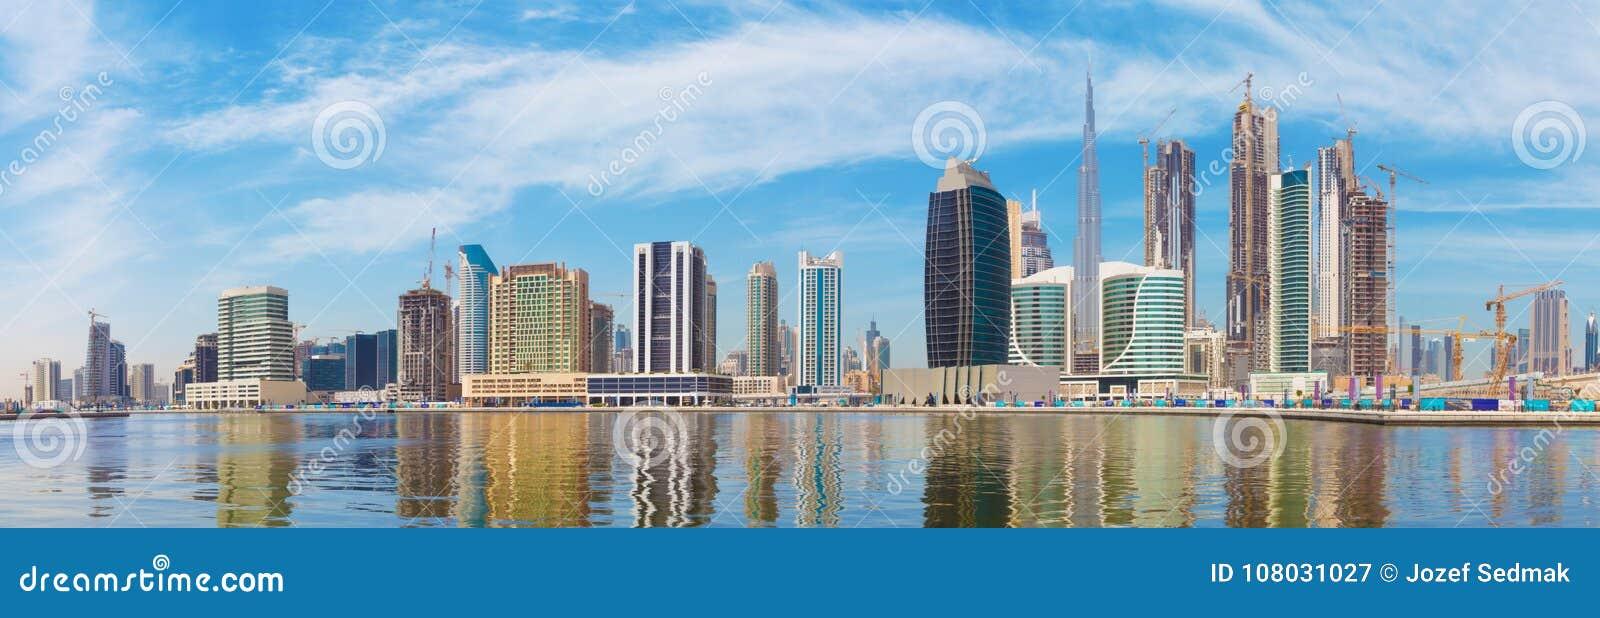 Dubai - el panorama con el nuevos canal y rascacielos del centro de la ciudad